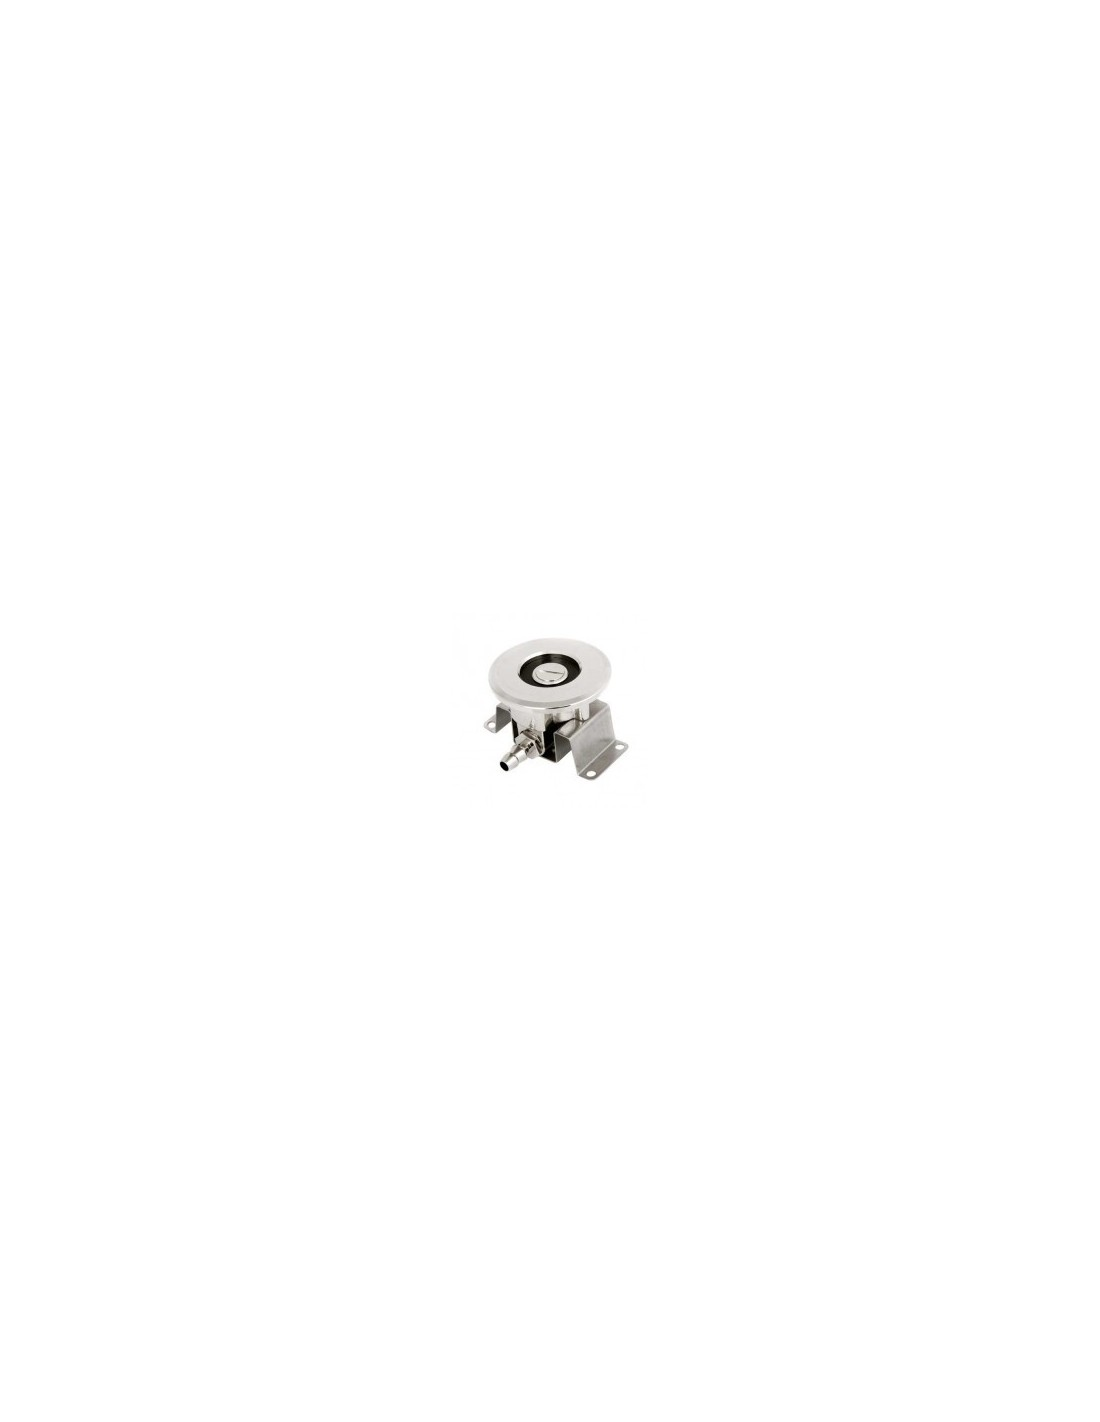 SAN01418 - Rengöringsadapter Typ-A